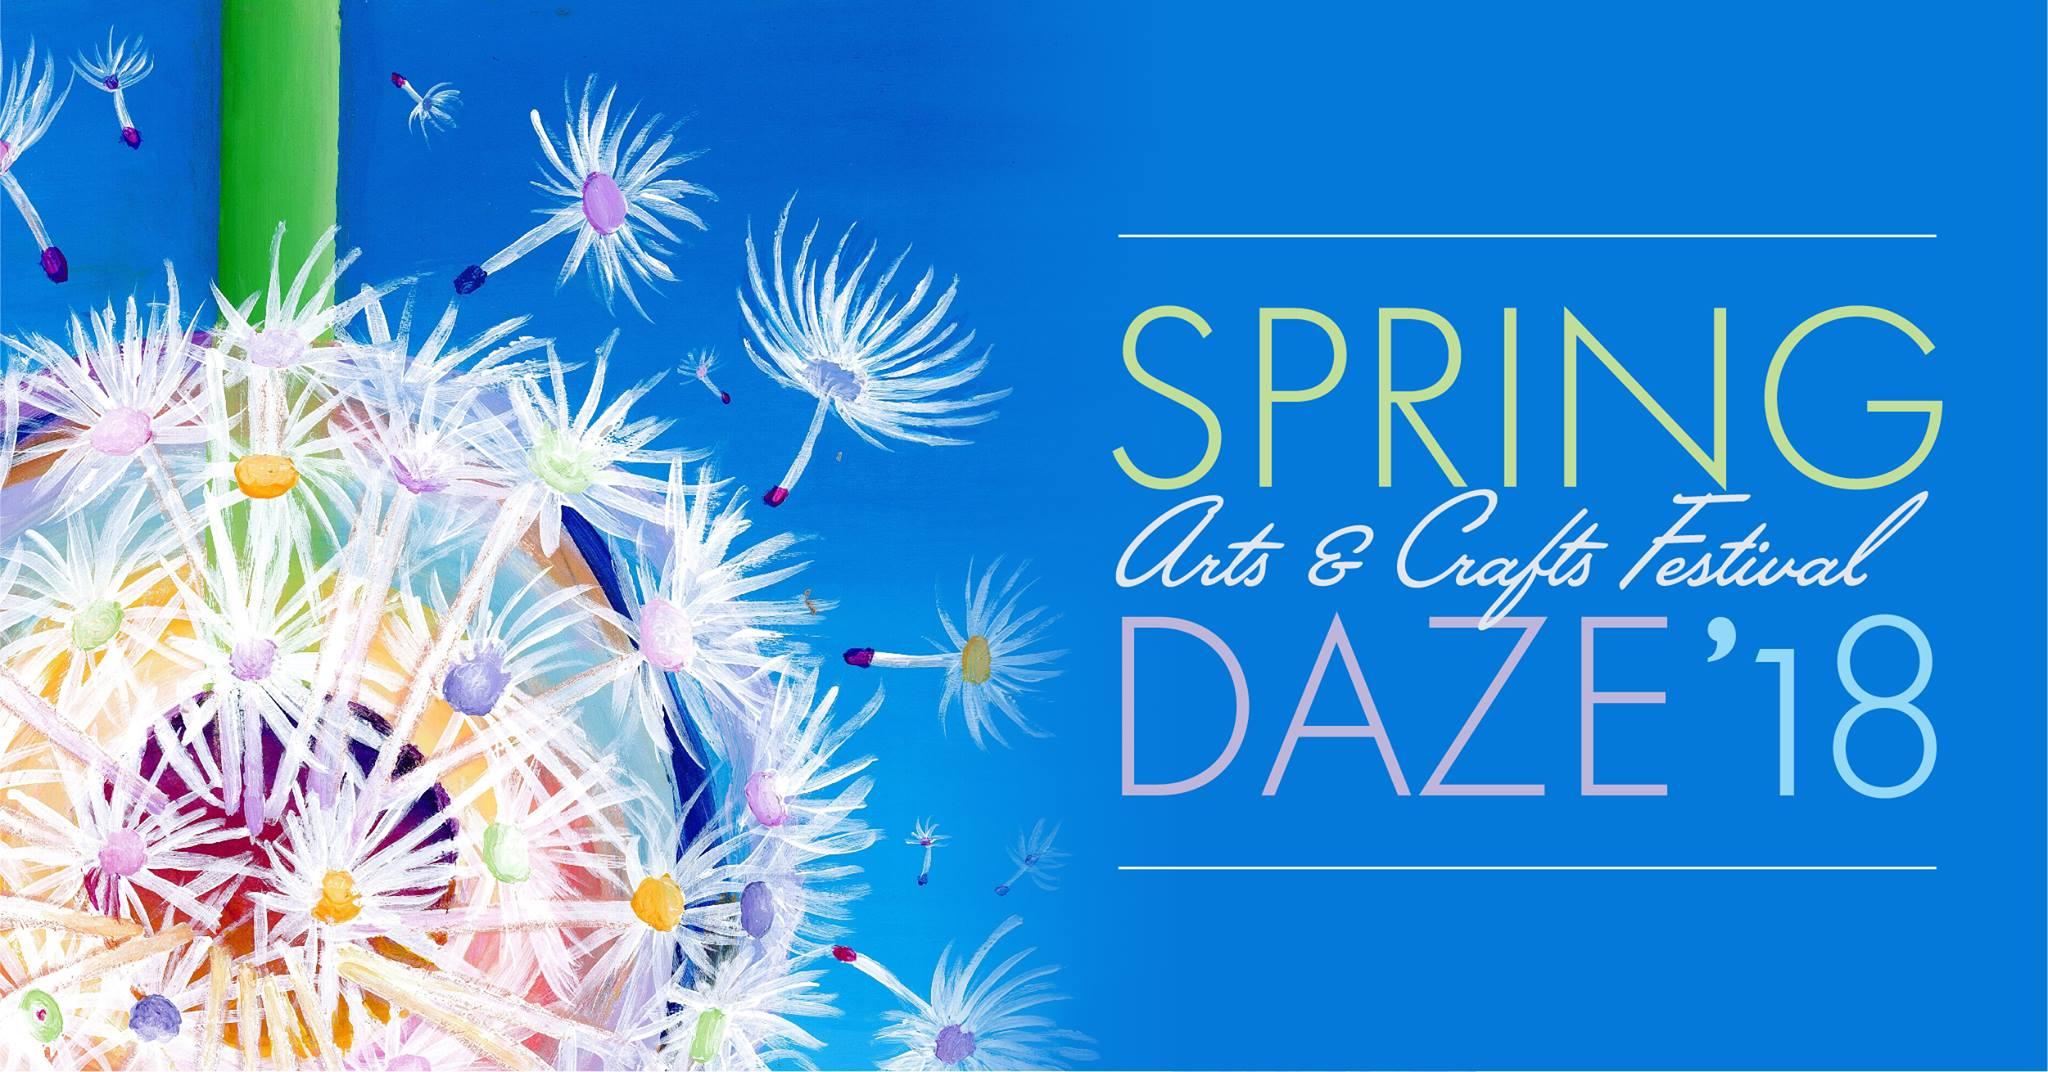 2018 Cary Spring Daze